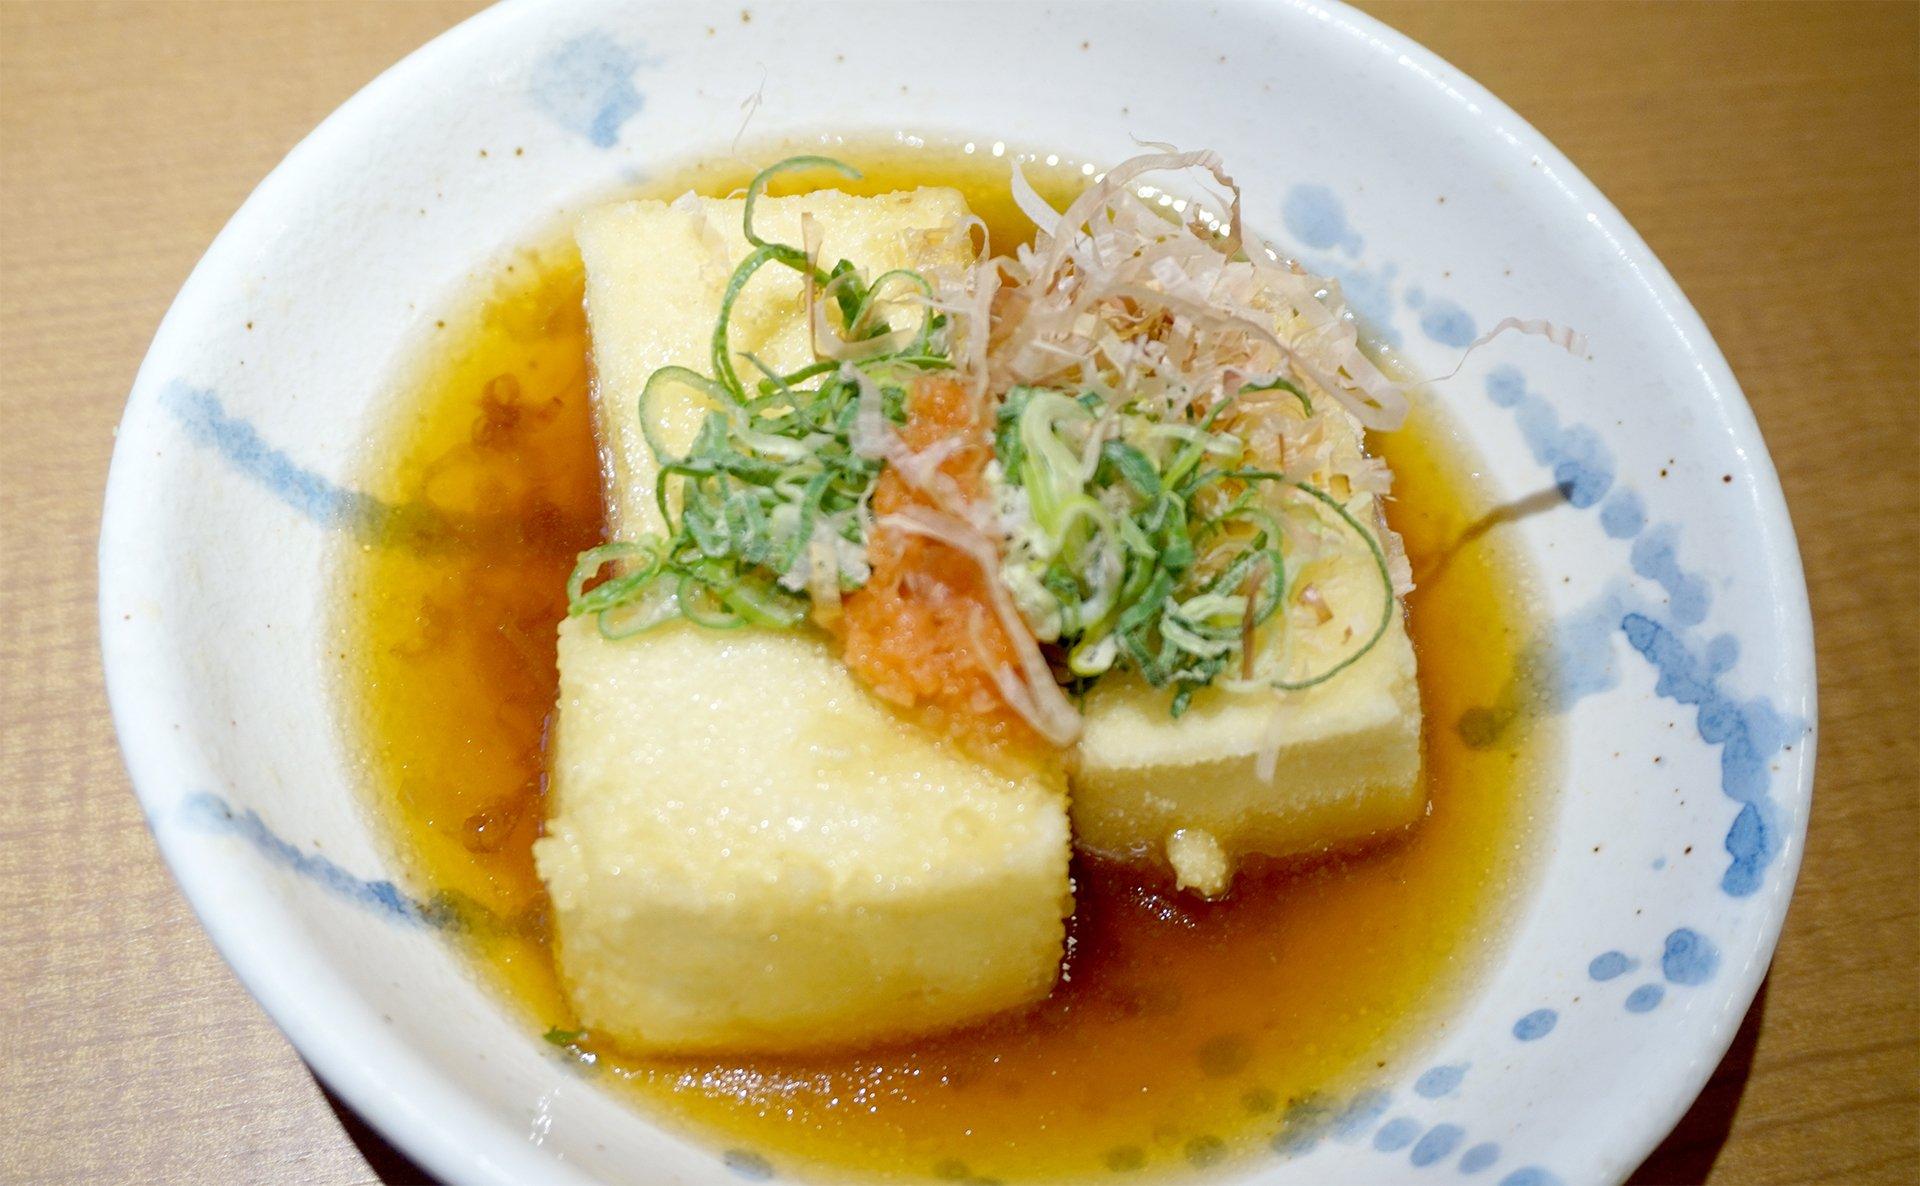 Bento Box & Sushi Lunch San Antonio TX